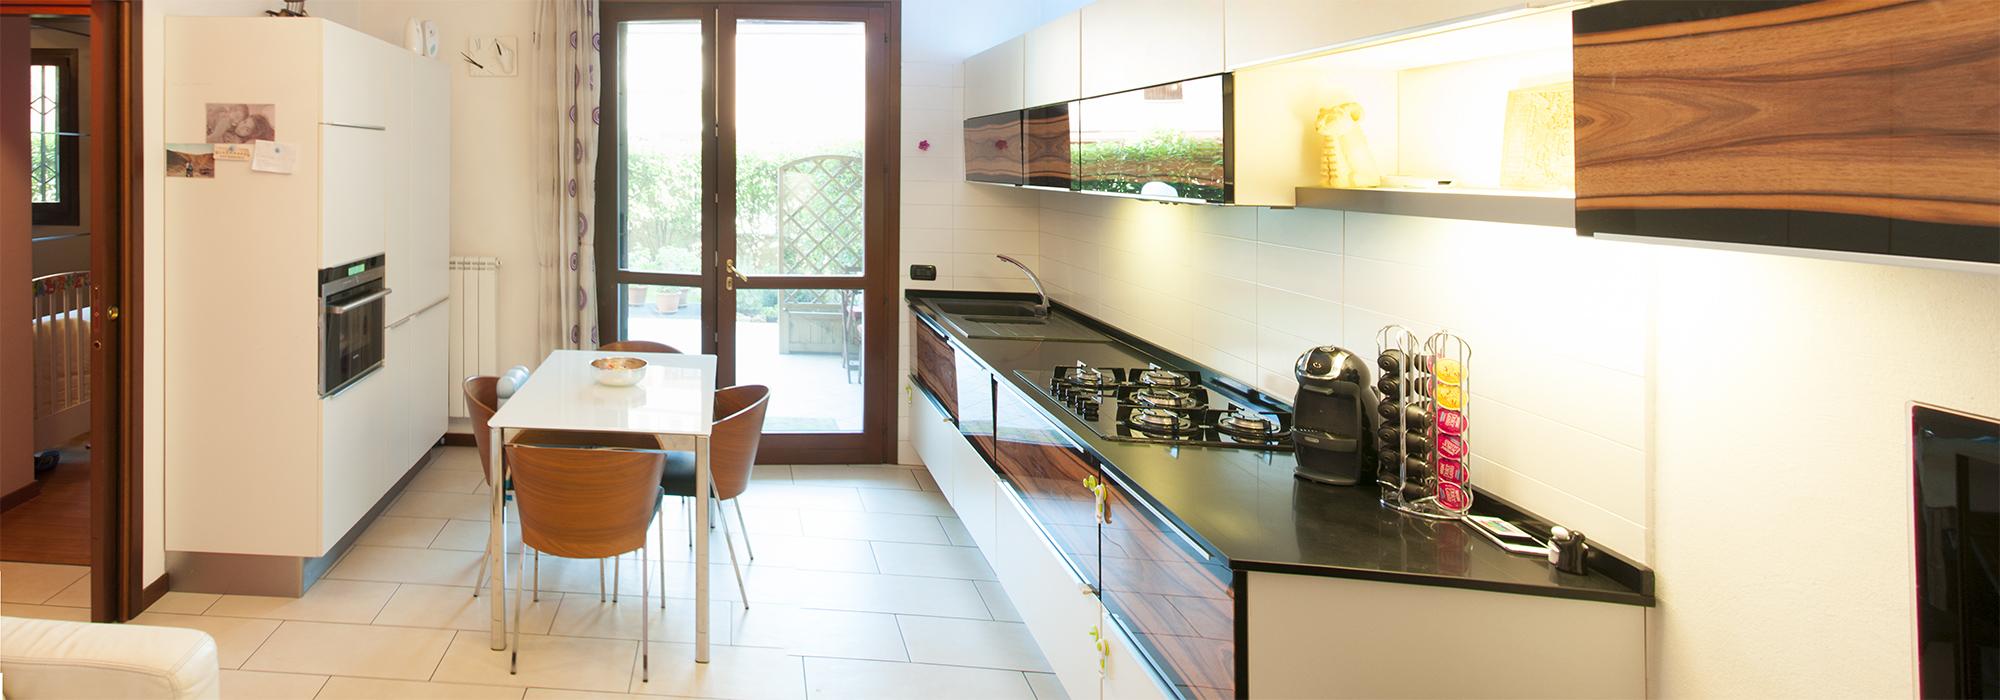 Appartamento a Casinalbo – Rif 605